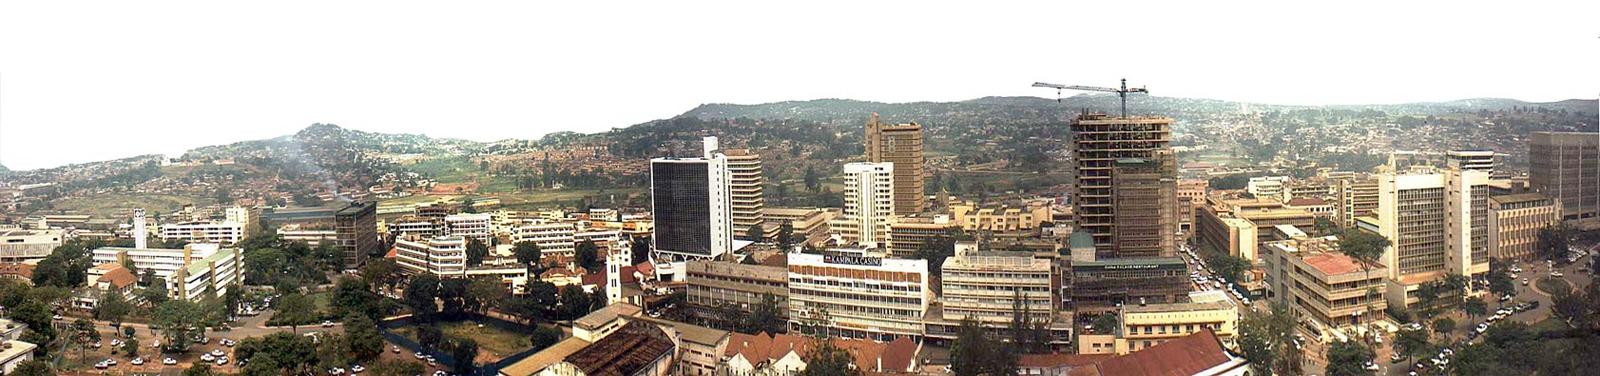 Swirl Love Story Kampala Uganda Panoramic